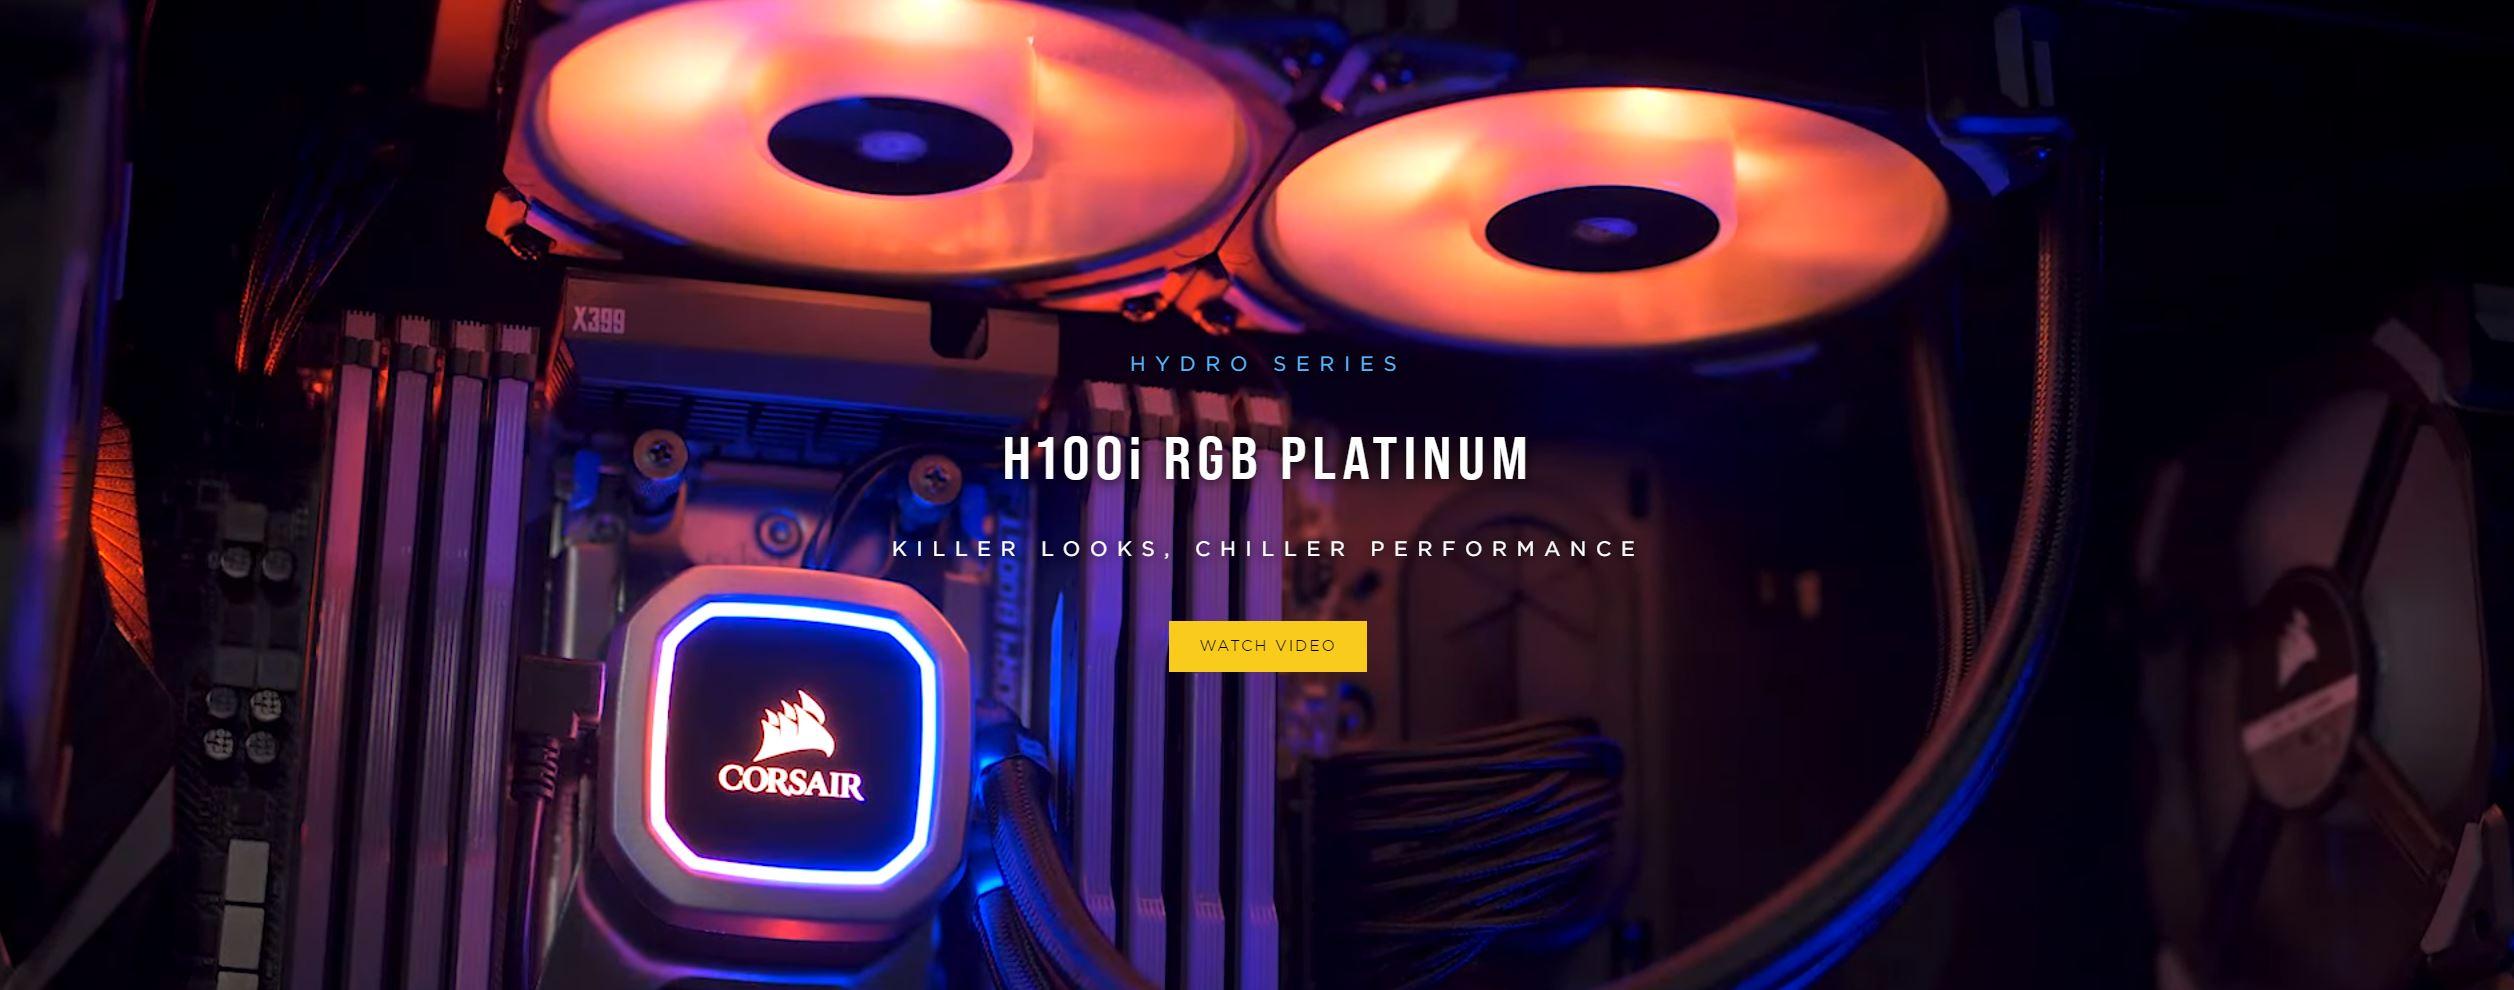 Tản nhiệt nước Corsair Hydro Series H100i RGB PLATINUM  giới thiệu